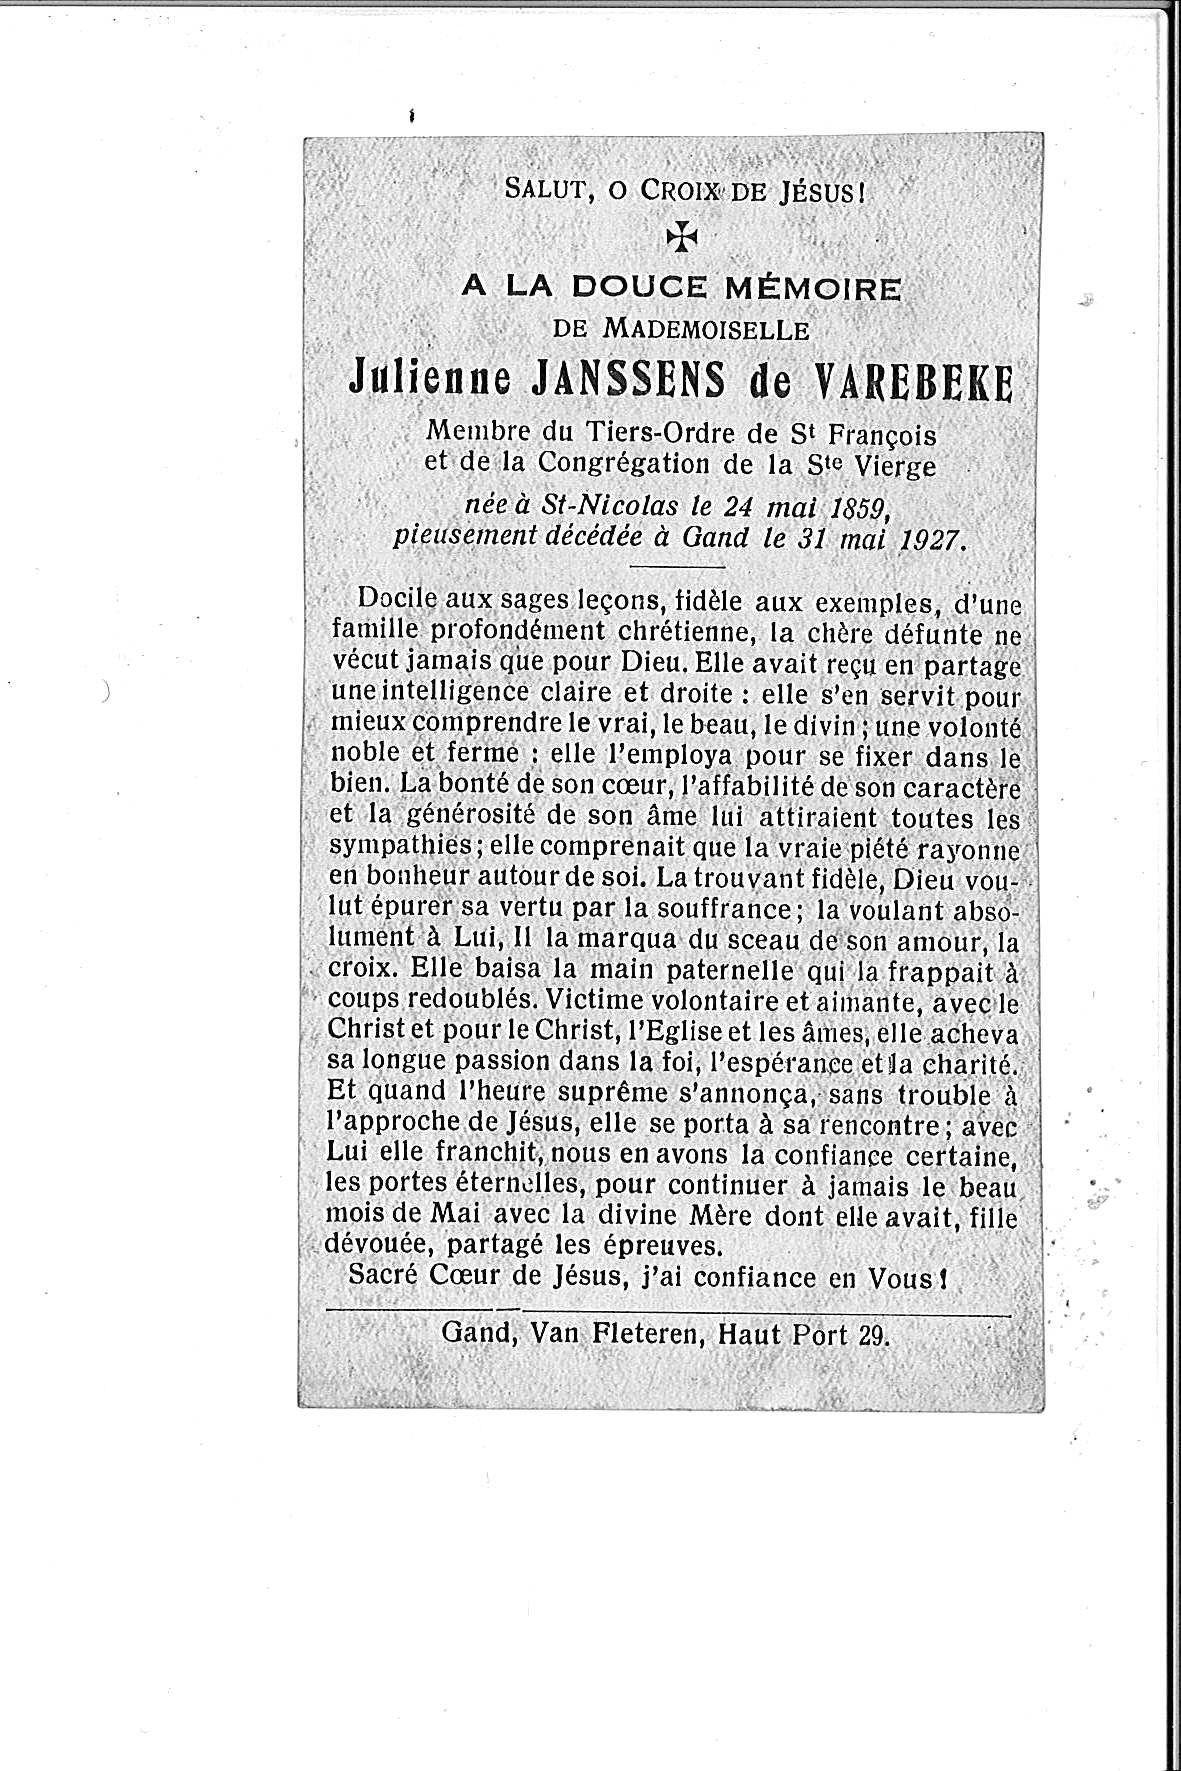 Julienne(1927)20150428093050_00028.jpg